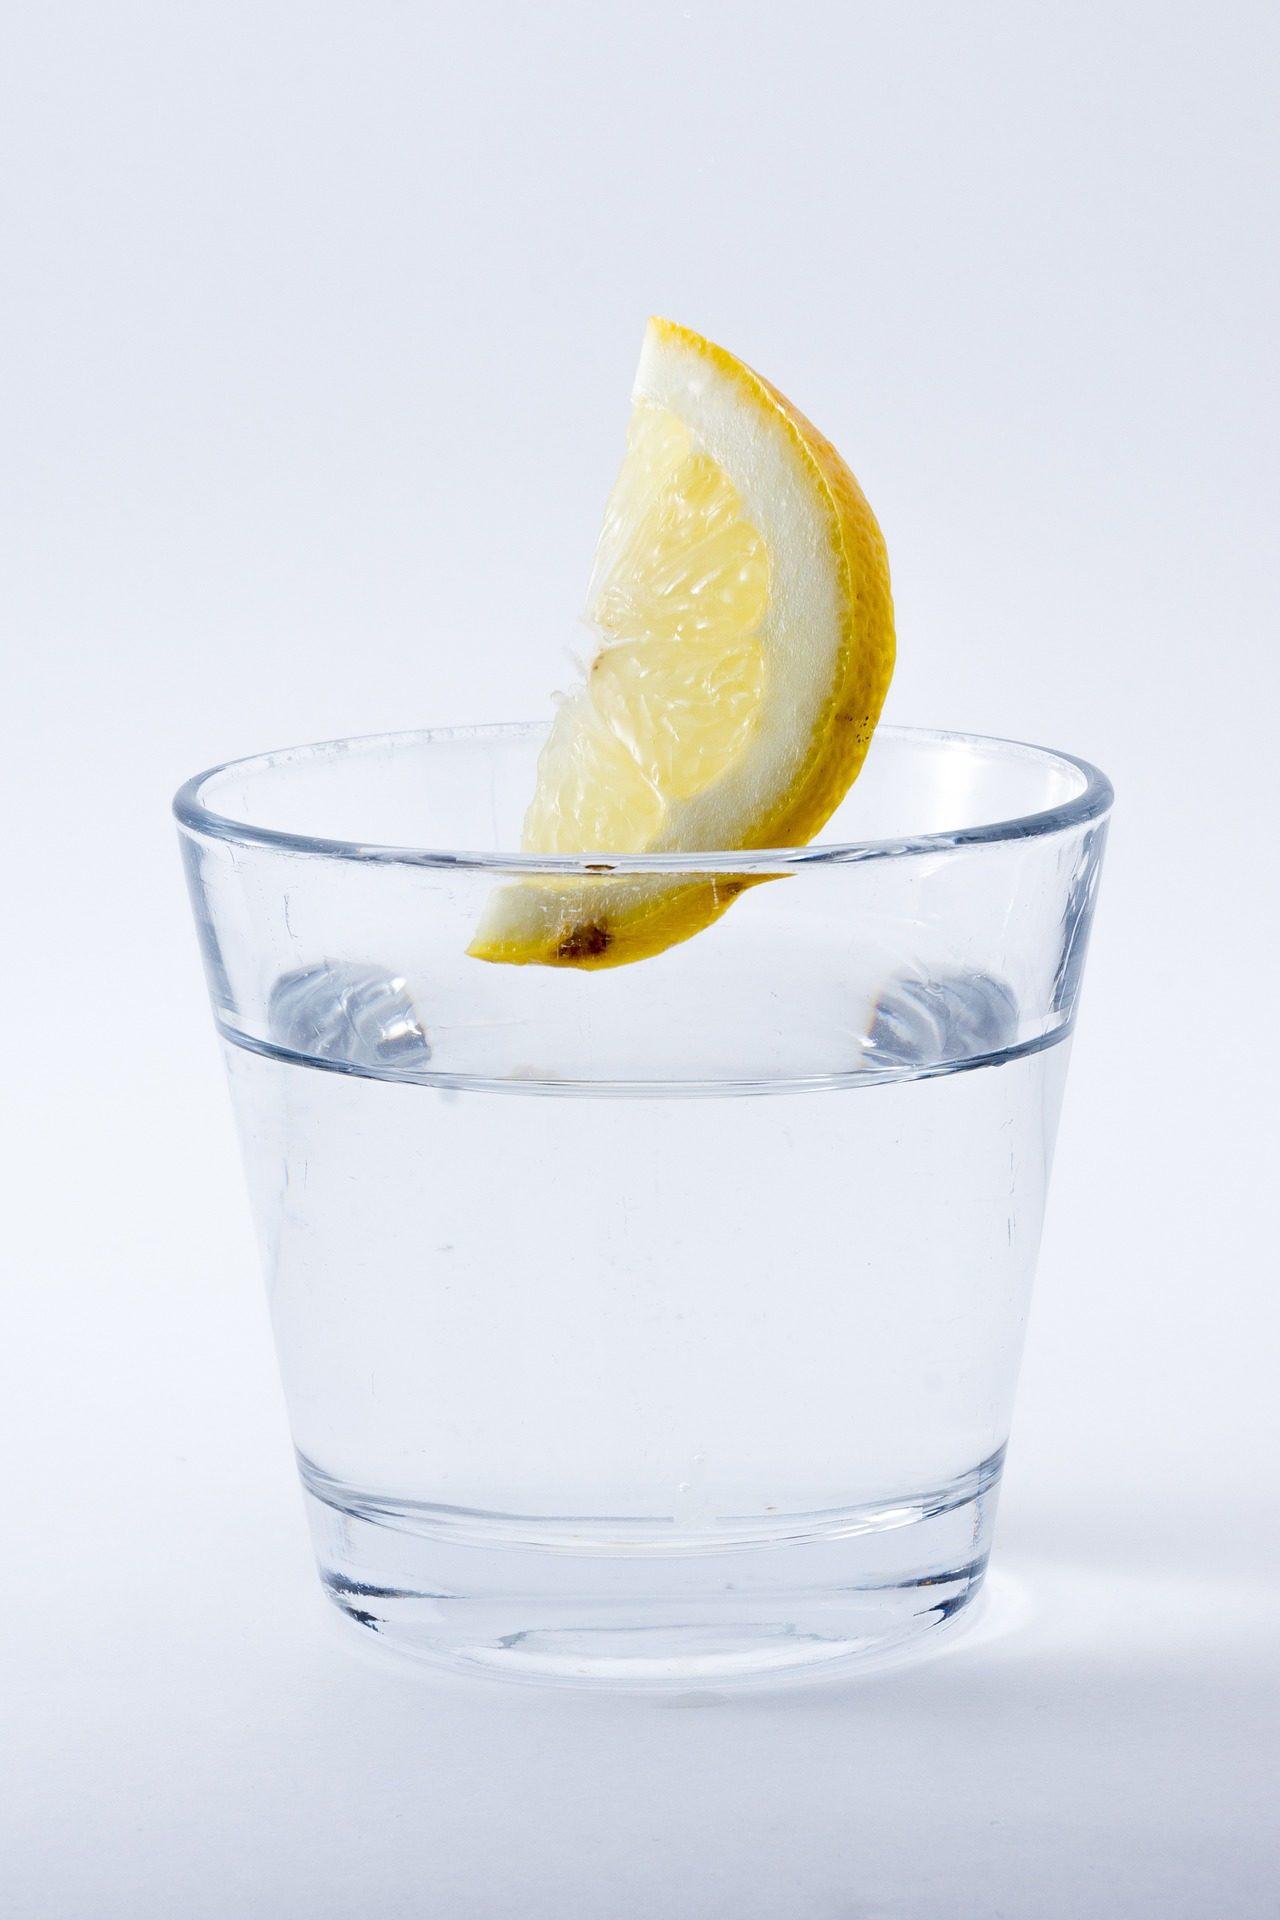 水, 柠檬, 饮料, 玻璃, 软性饮料 - 高清壁纸 - 教授-falken.com